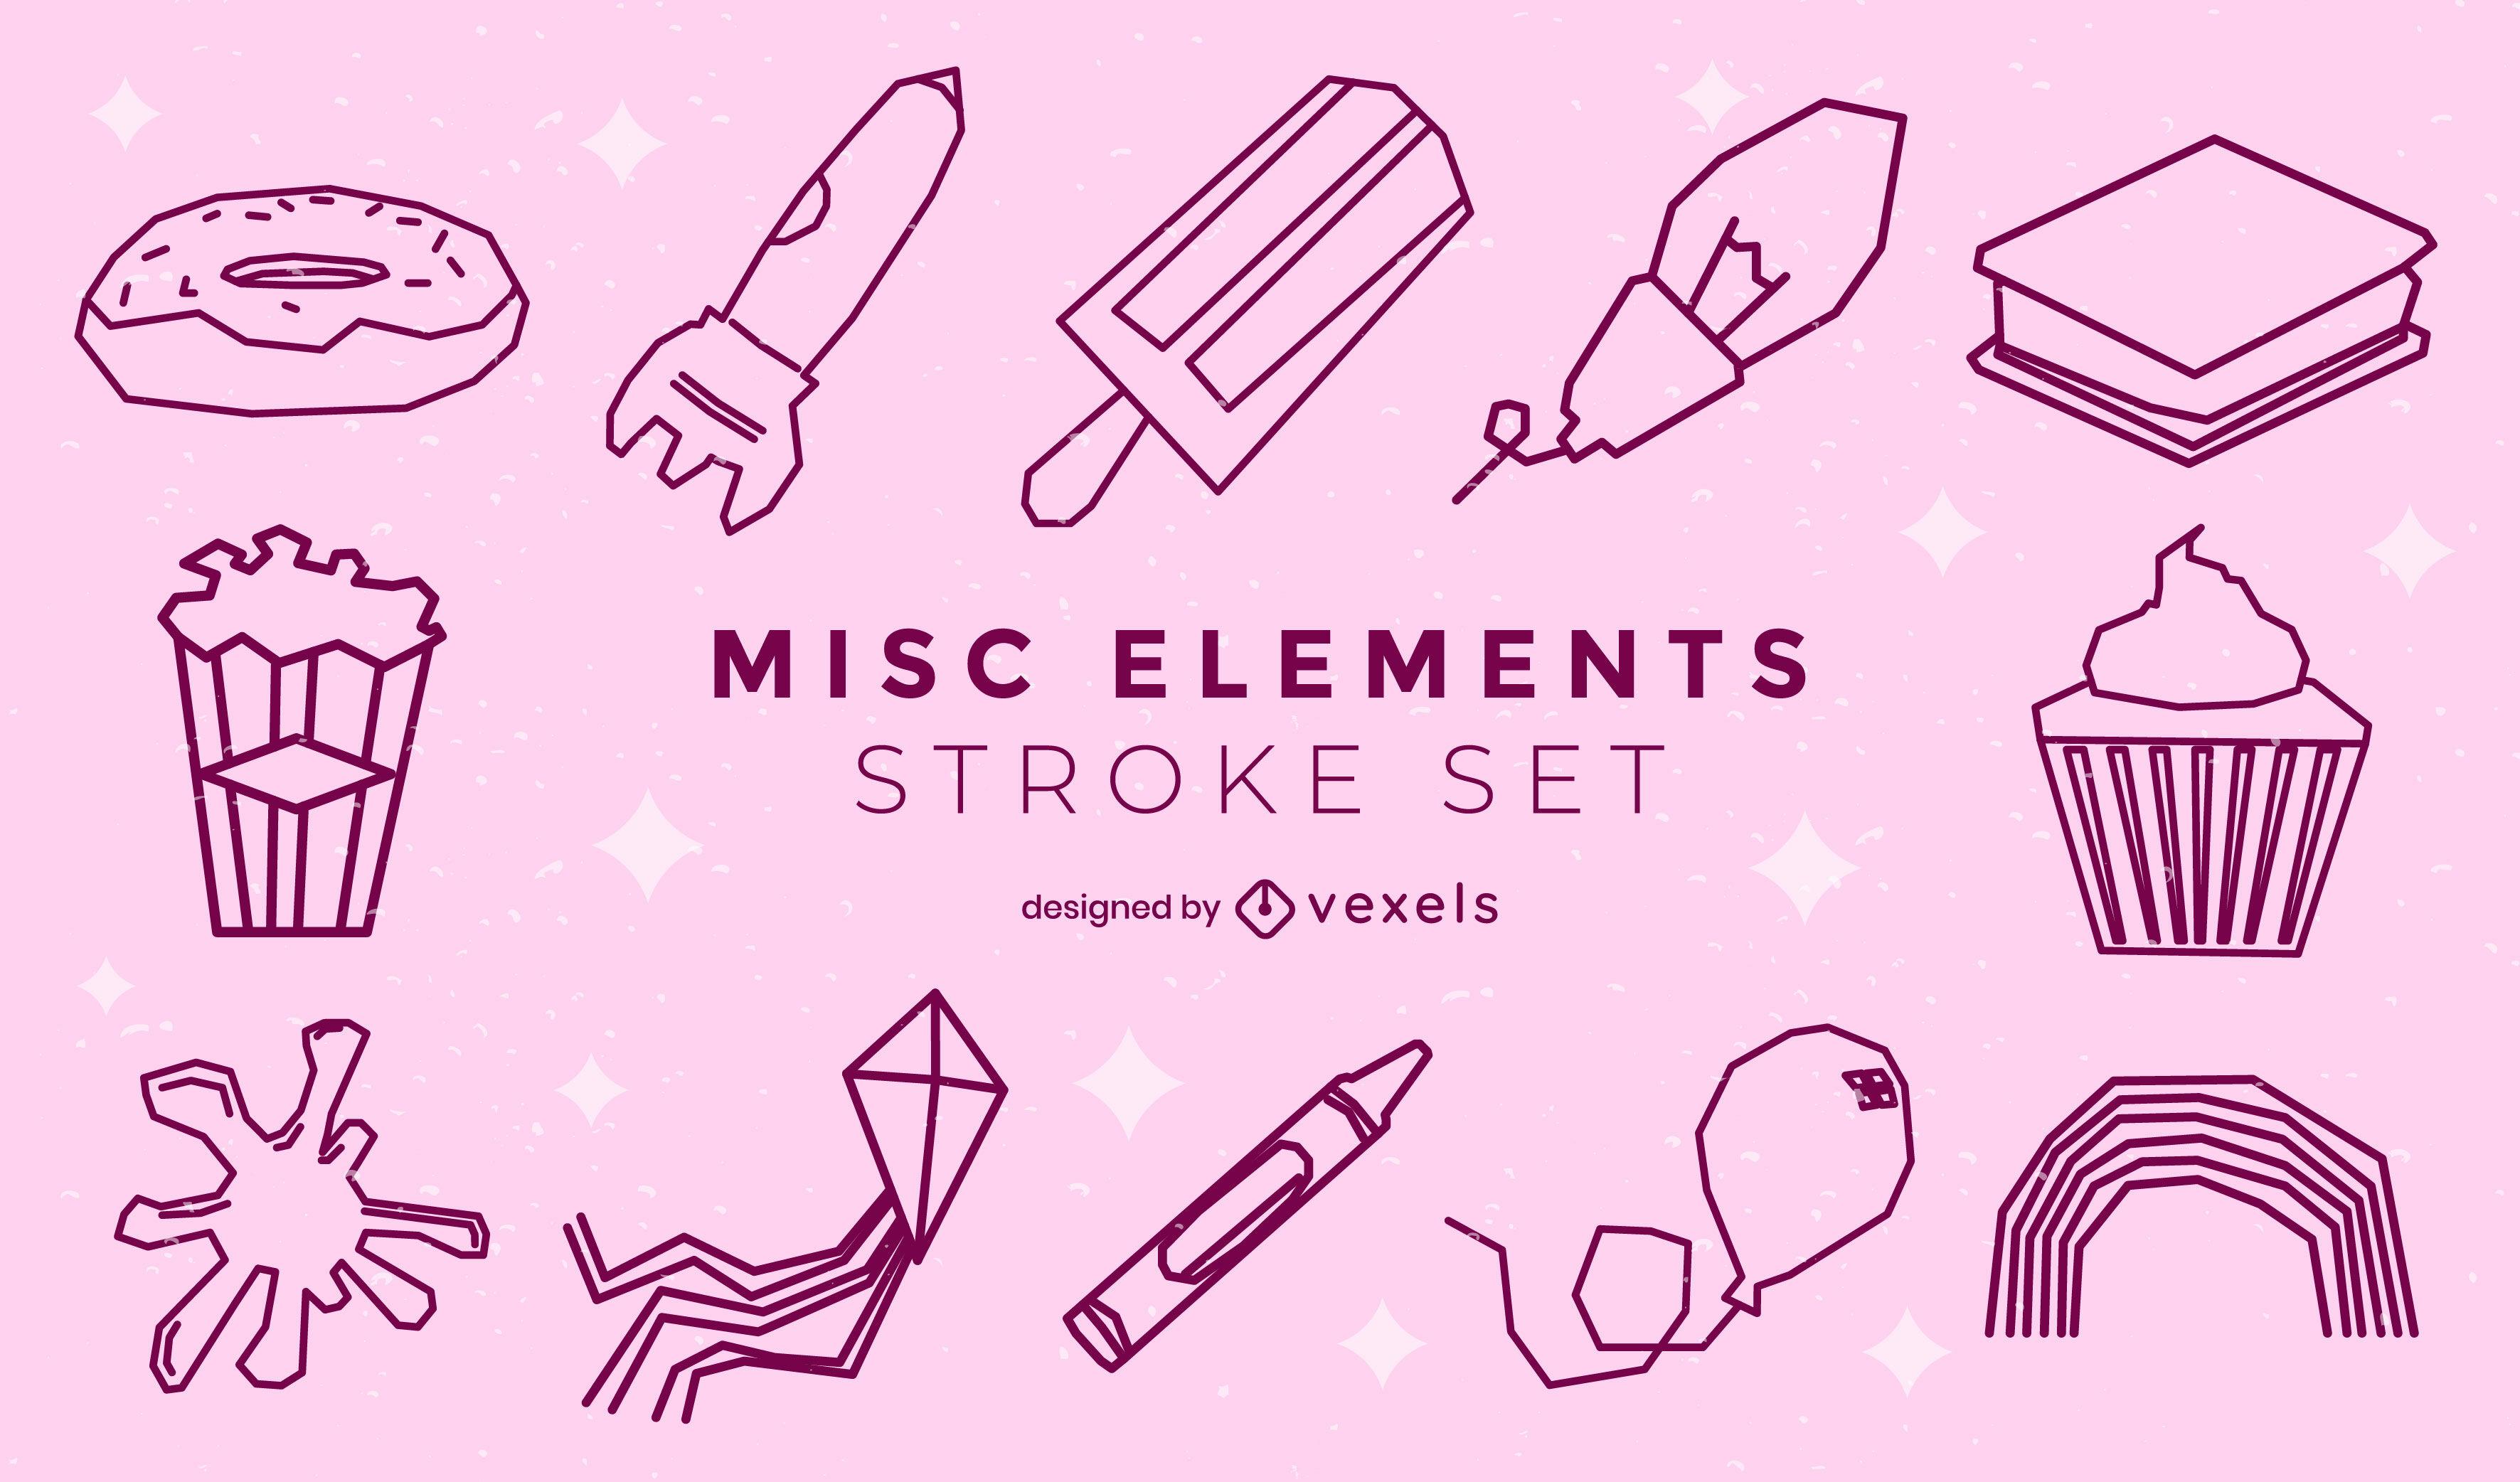 Misc elements stroke set